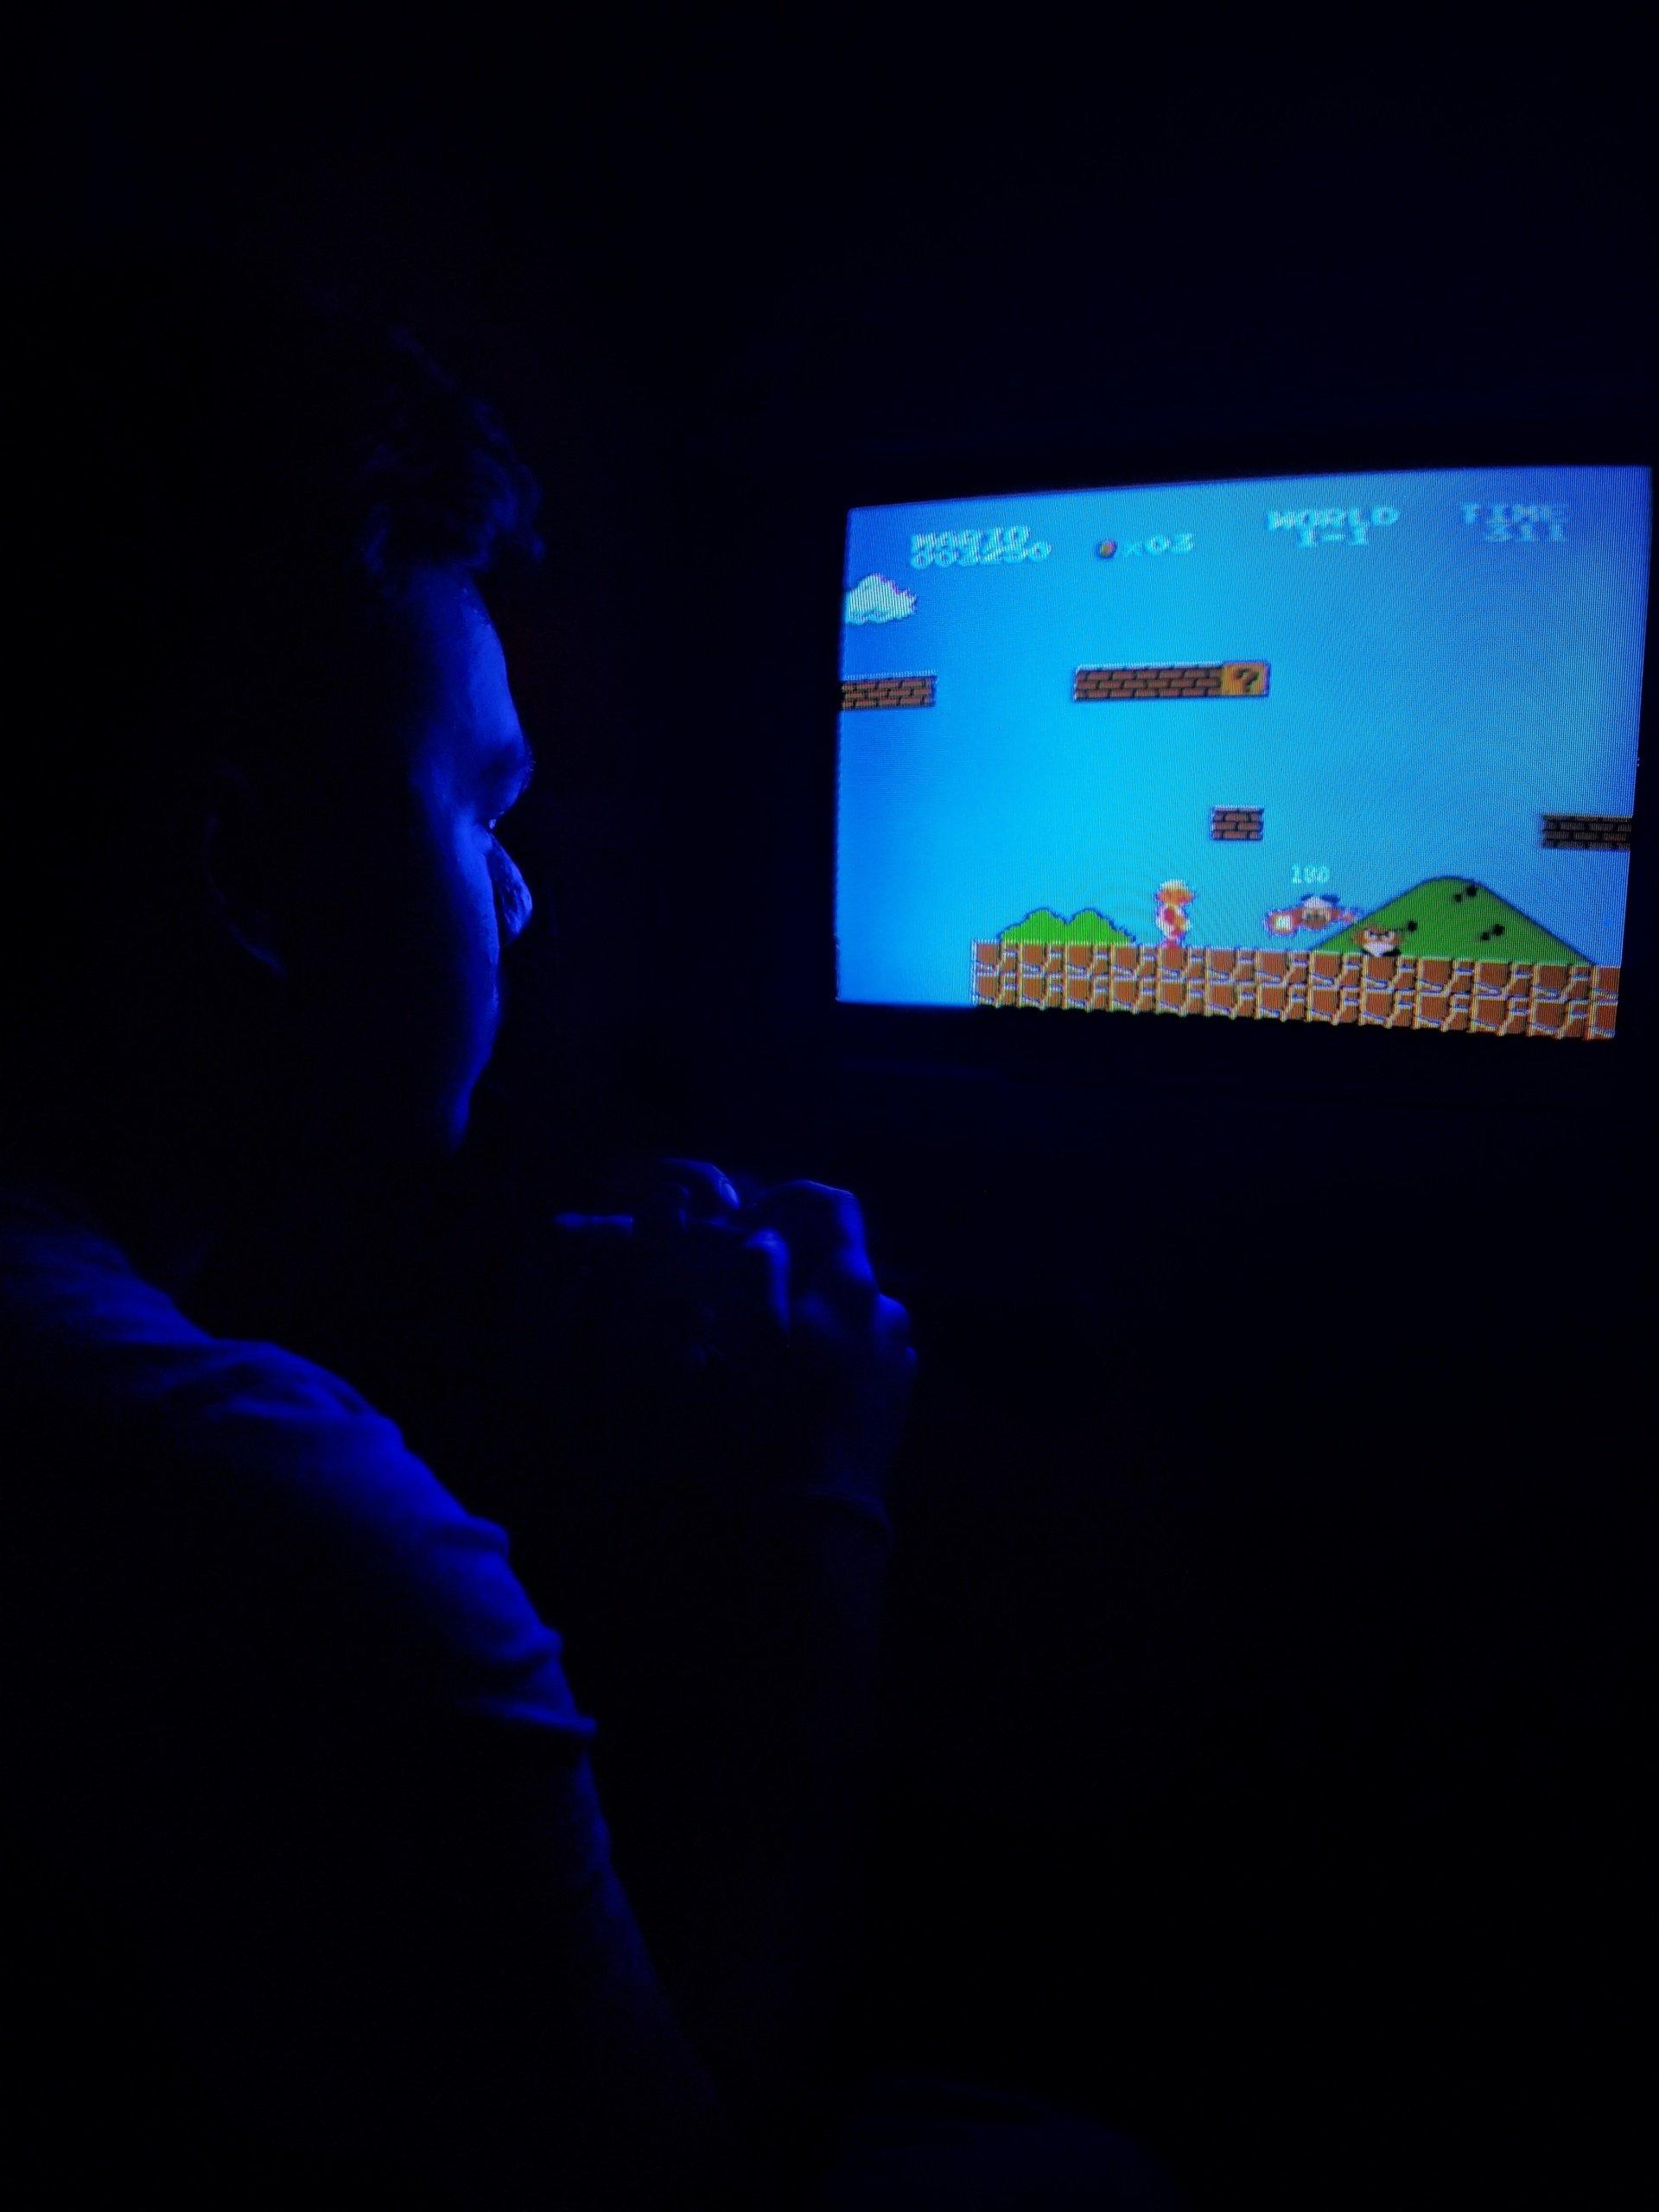 le prime grafiche per videogiochi